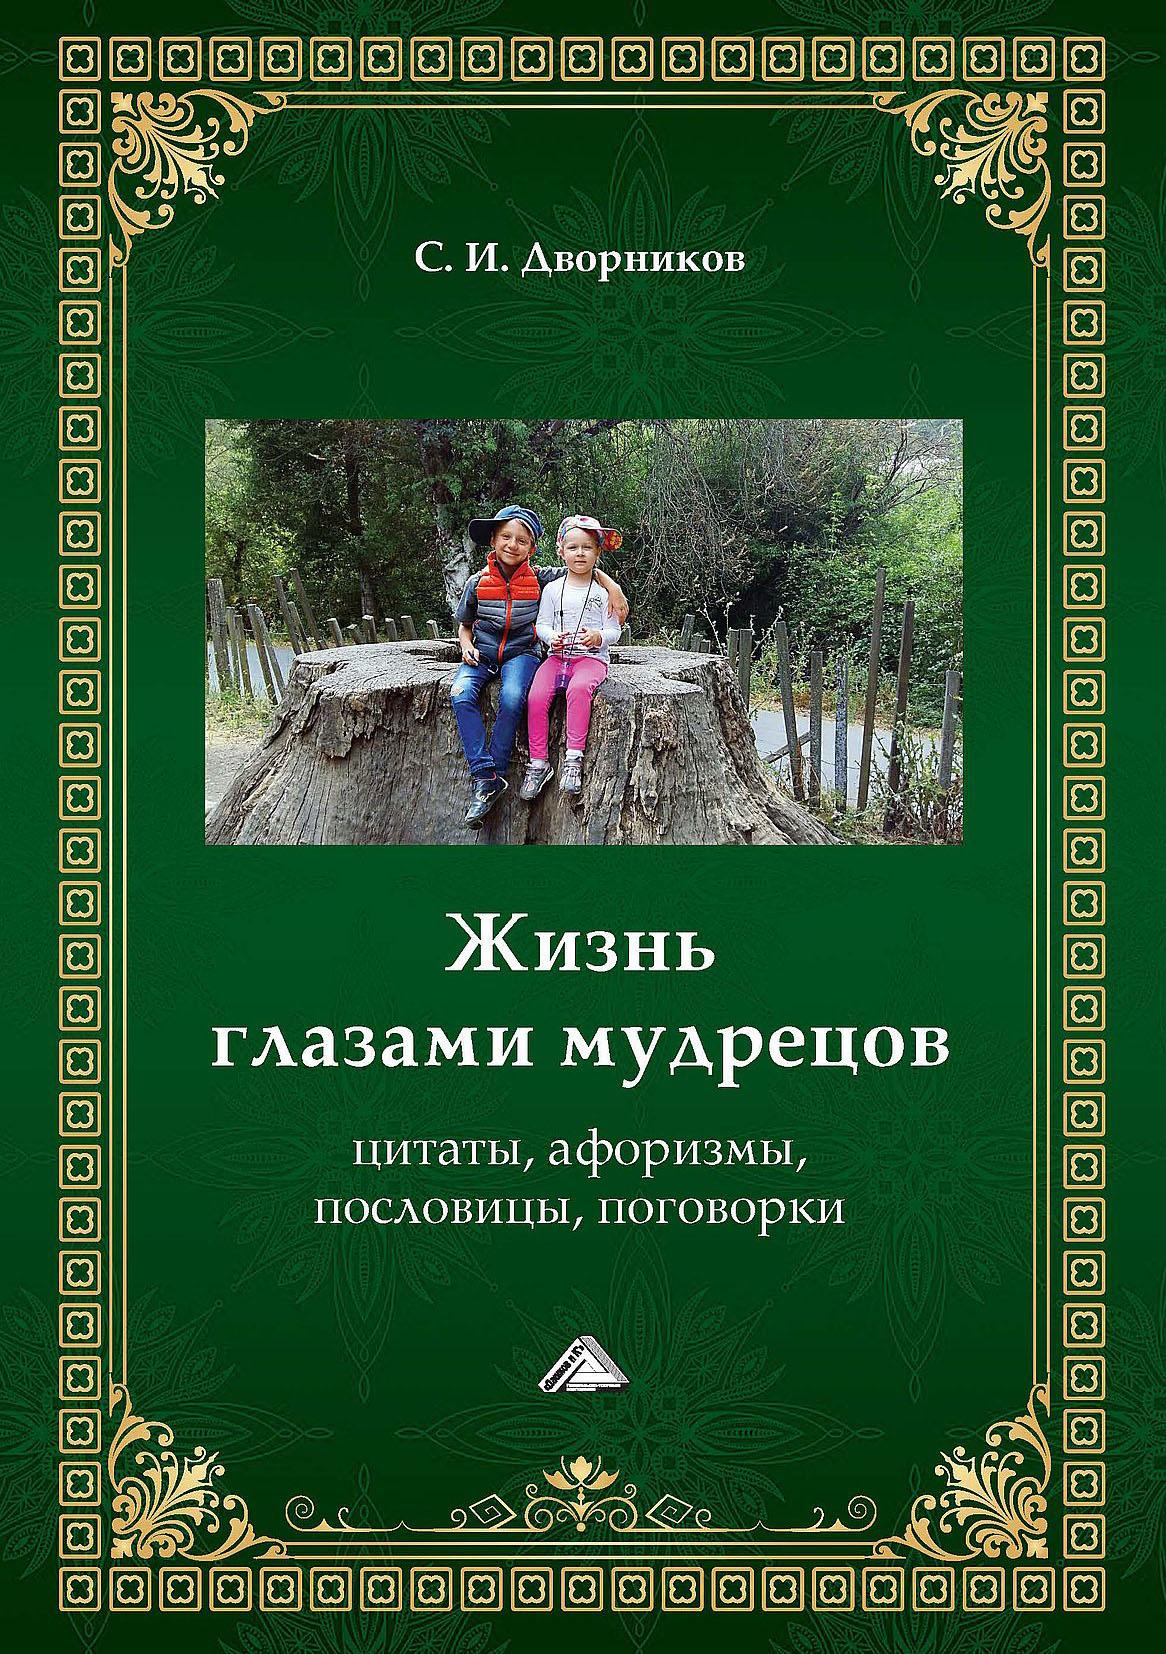 Купить книгу Жизнь глазами мудрецов. Цитаты, афоризмы, пословицы, поговорки, автора